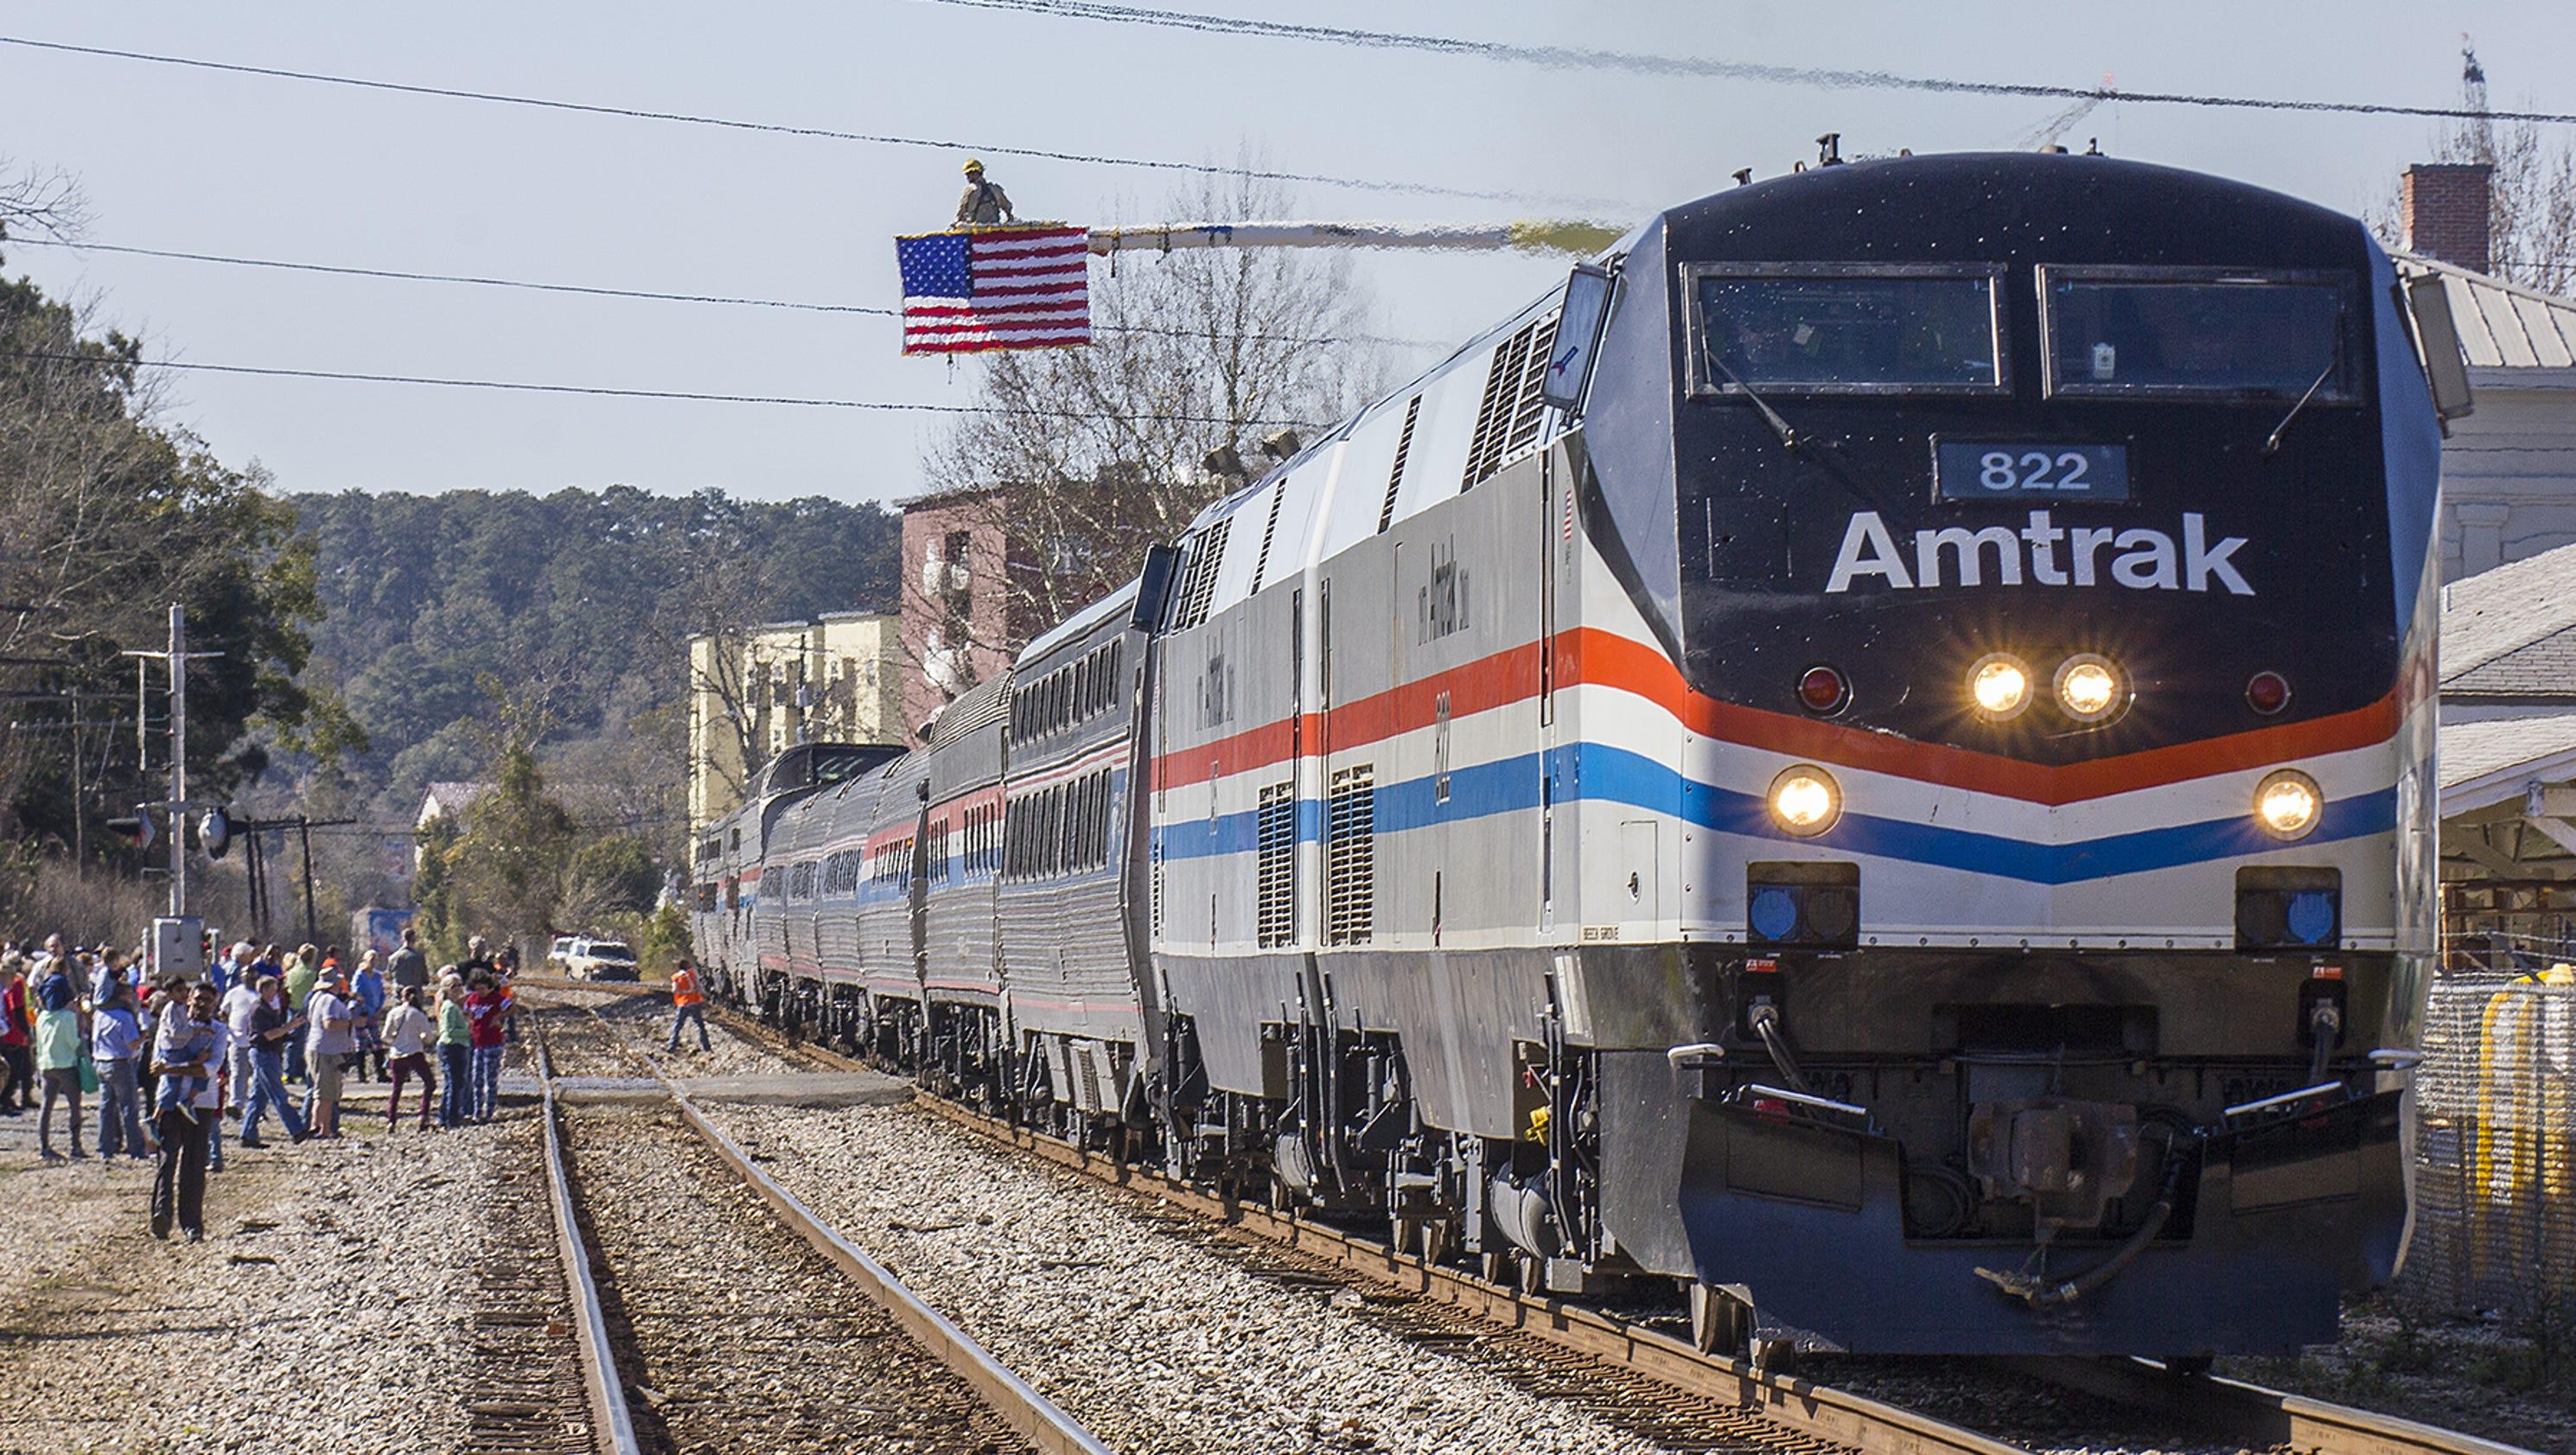 Photos: Amtrak rolls into Tallahassee